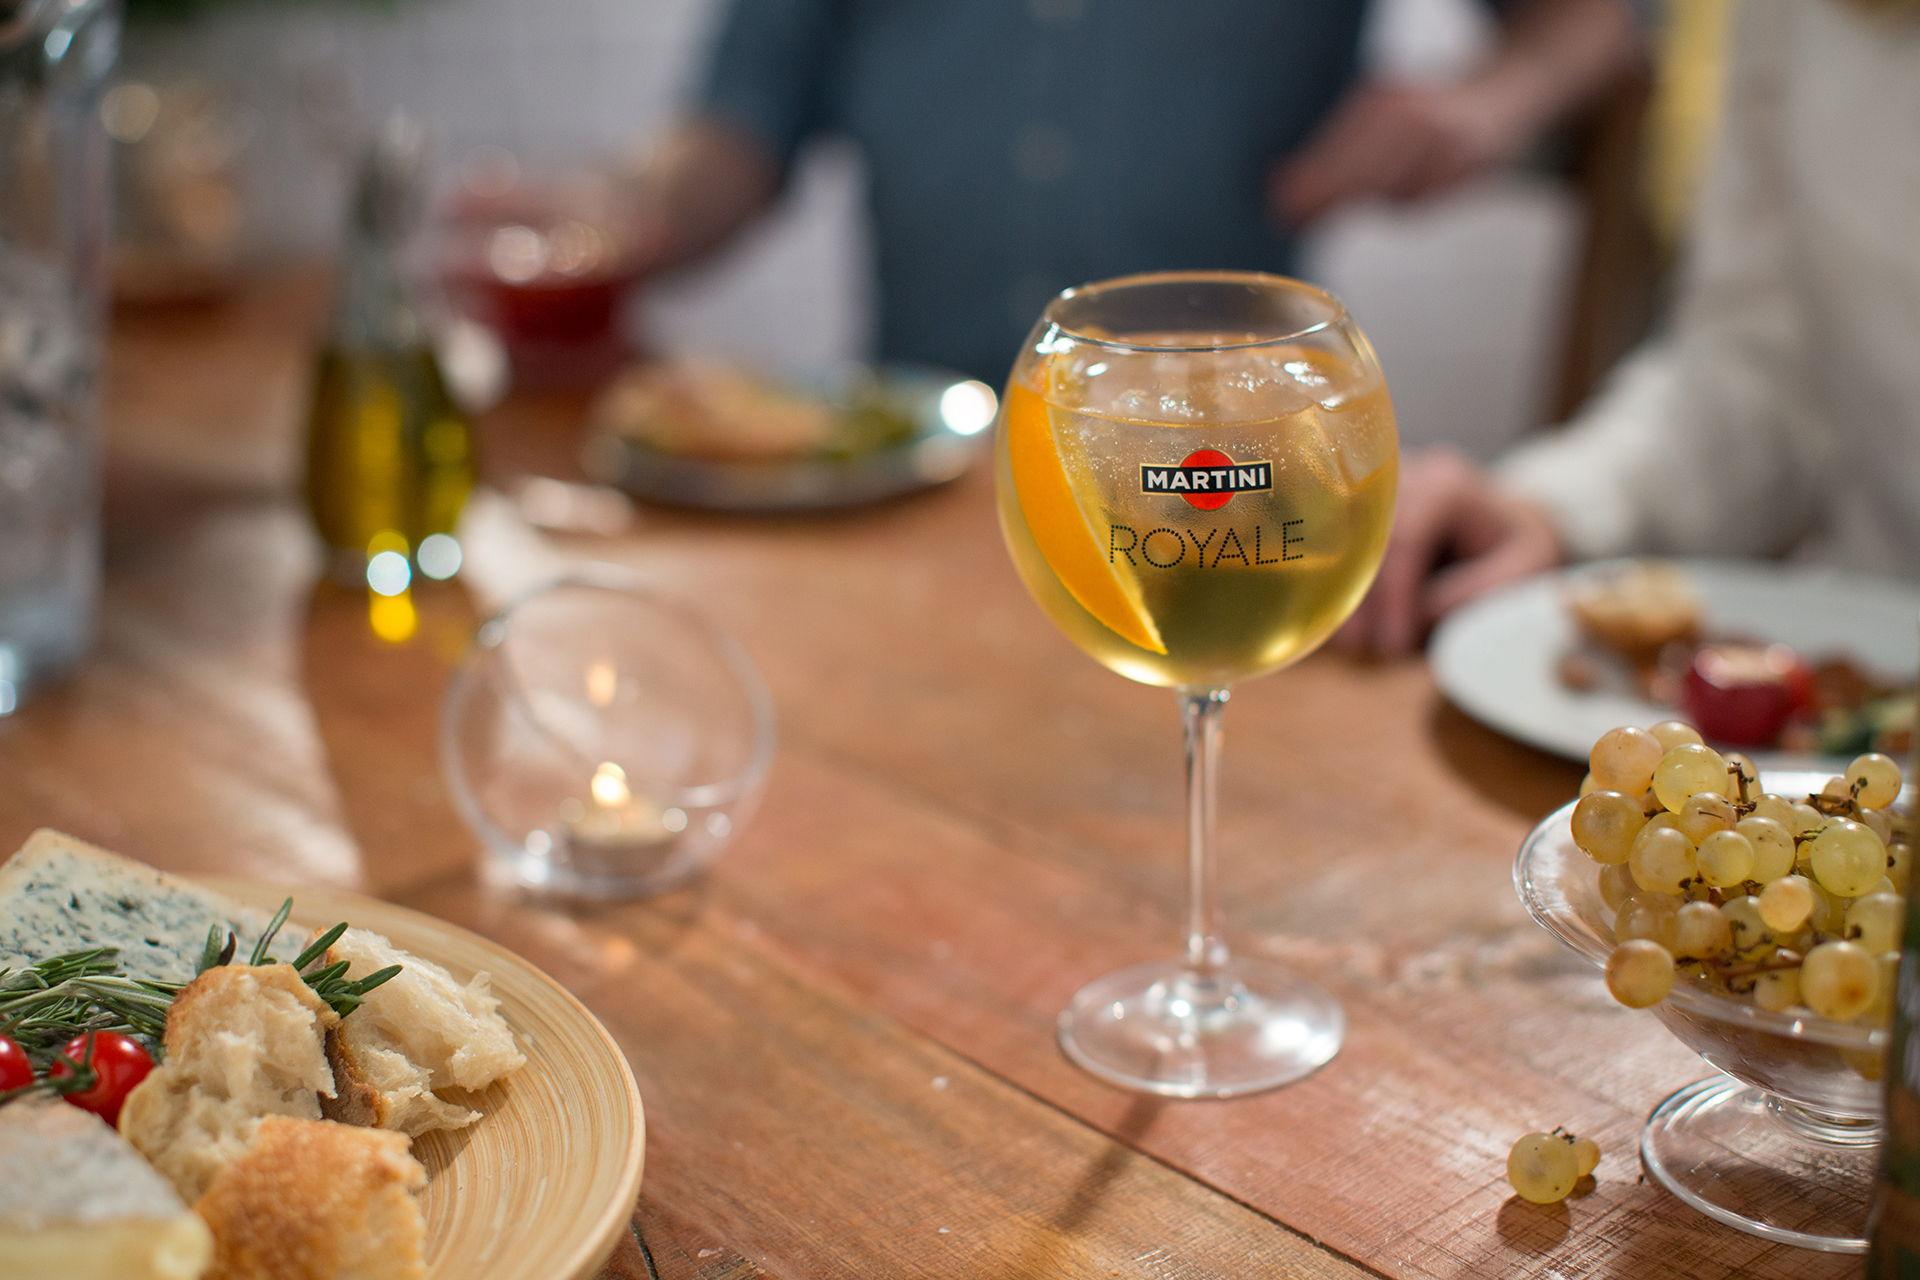 Martini-Ambrato-Royale-Before